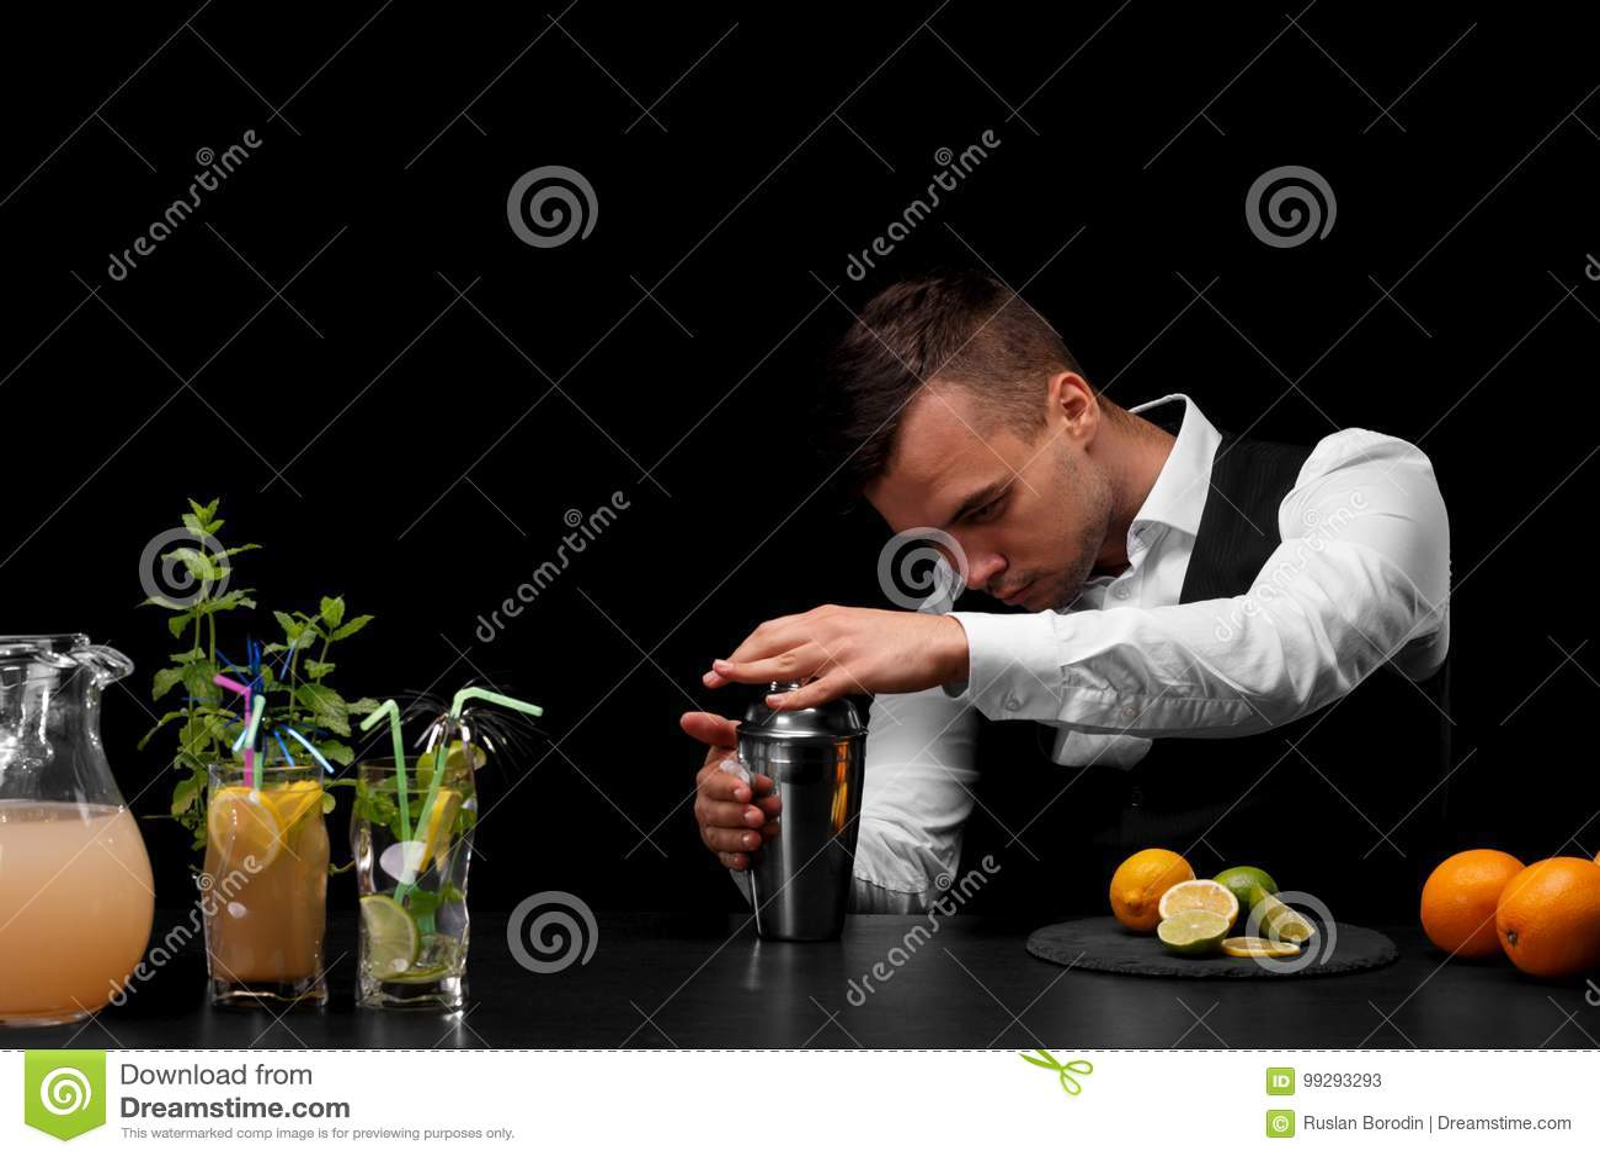 Ελκυστικό bartender σκουπίζει έναν δονητή, ένας μετρητής φραγμών με τα κοκτέιλ, τους ασβέστες, το λεμόνι και τα πορτοκάλια σε ένα